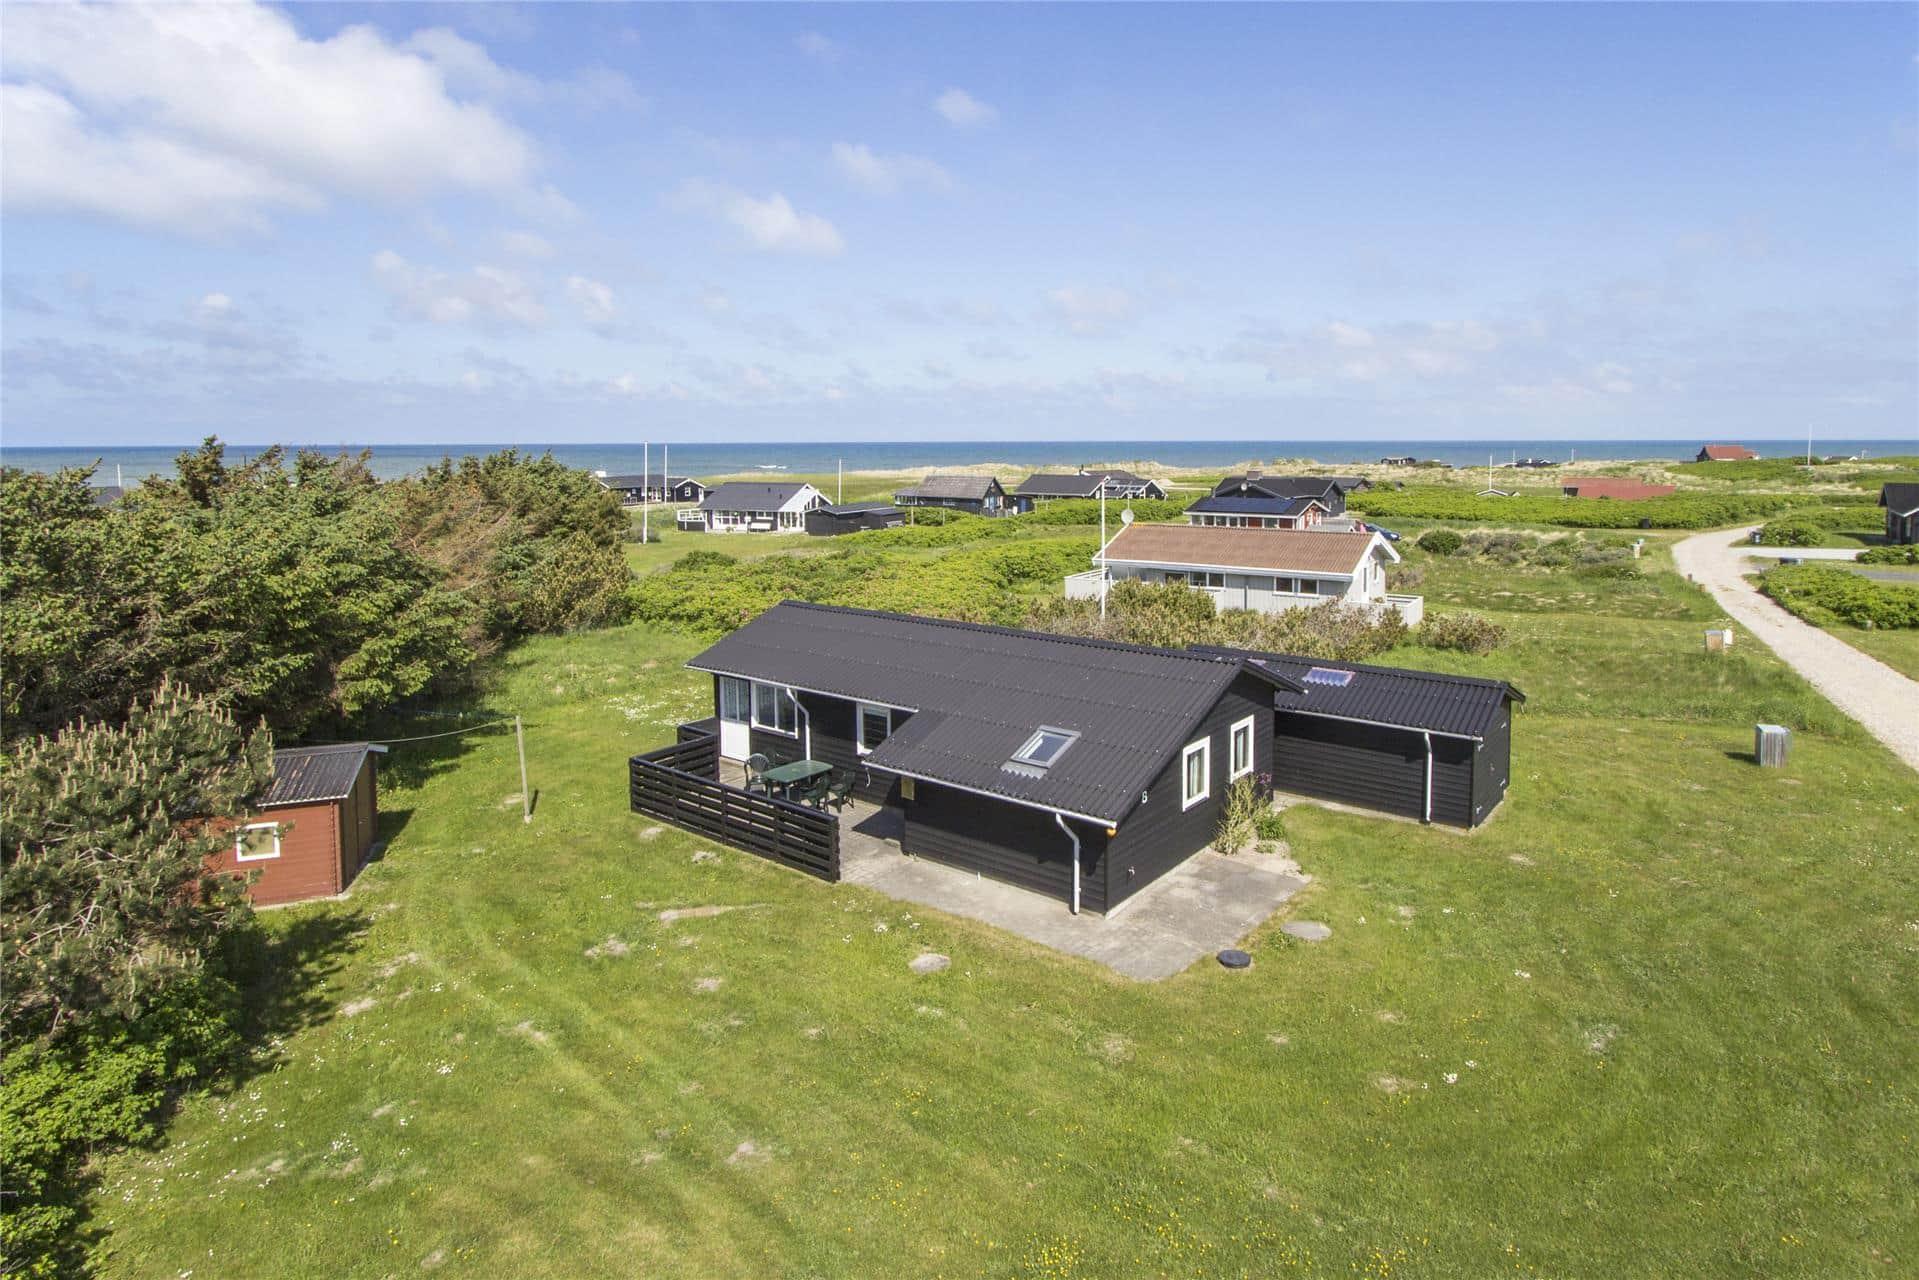 Afbeelding 1-14 Vakantiehuis 699, Forårsvej 8, DK - 9800 Hjørring